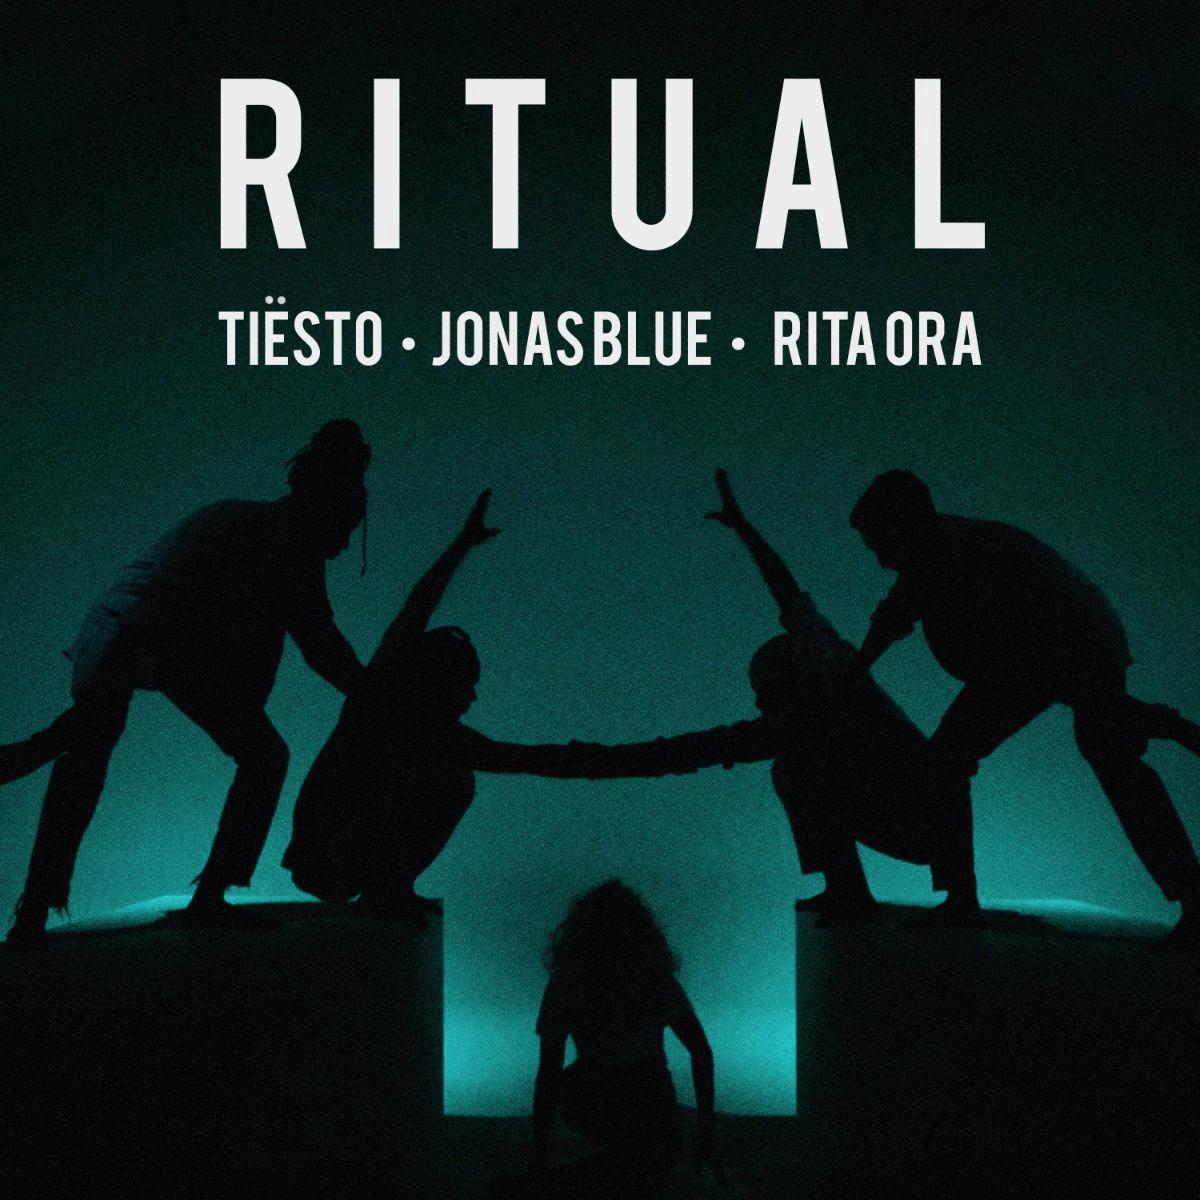 Tiësto, Jonas Blue and Rita Ora Release 'Ritual'